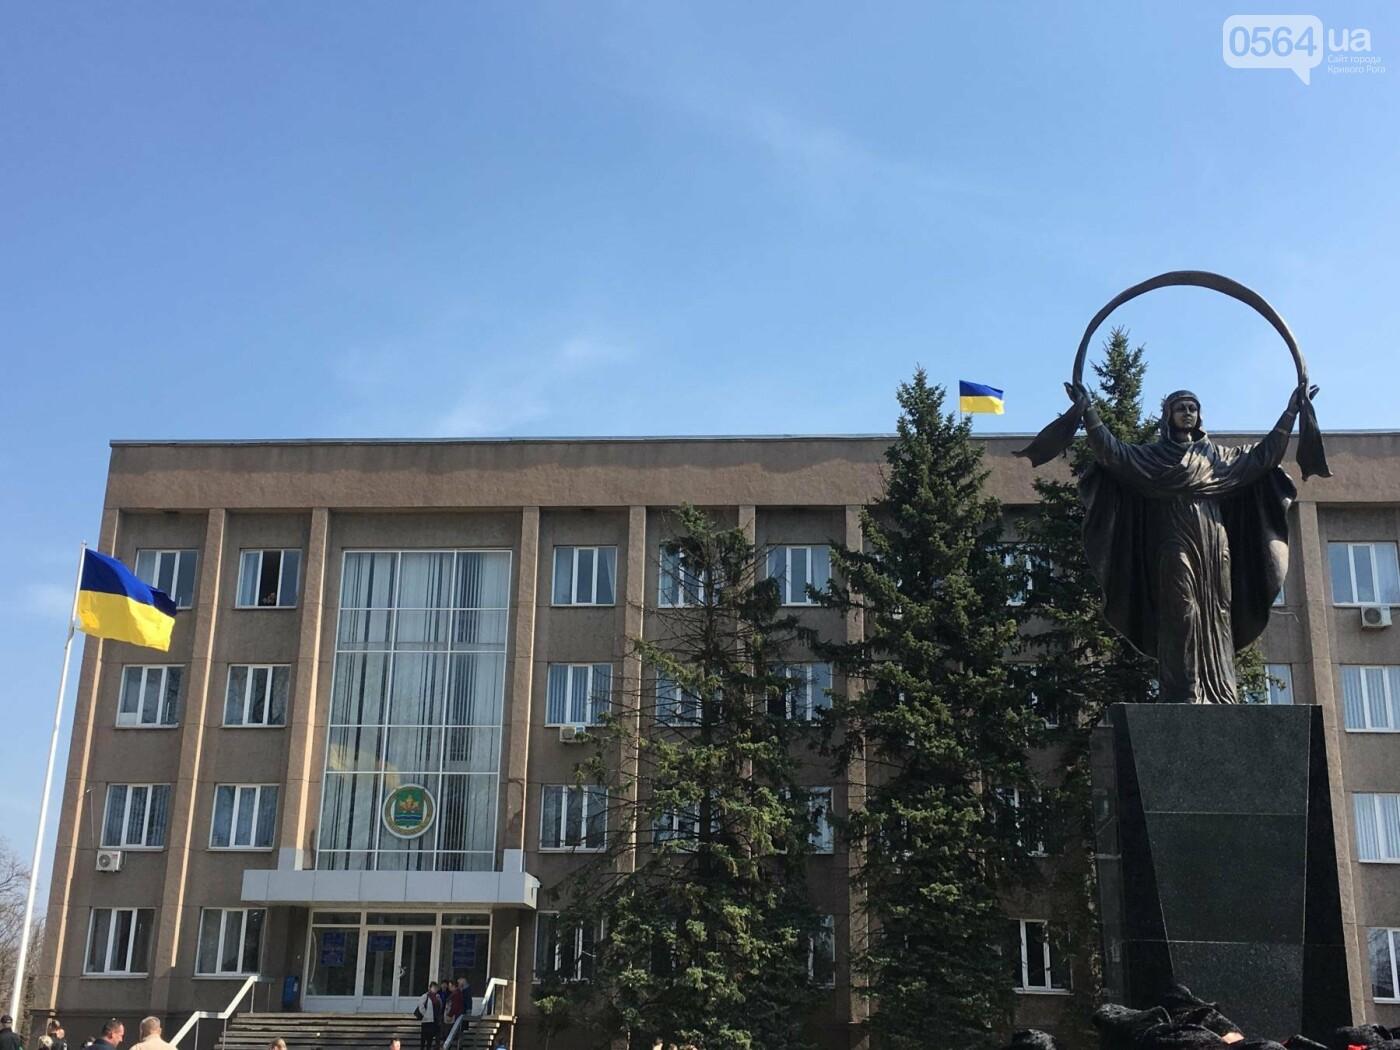 На Благовещение в Кривом Роге открыли памятник покровительнице украинских козаков (ФОТО, ВИДЕО), фото-8